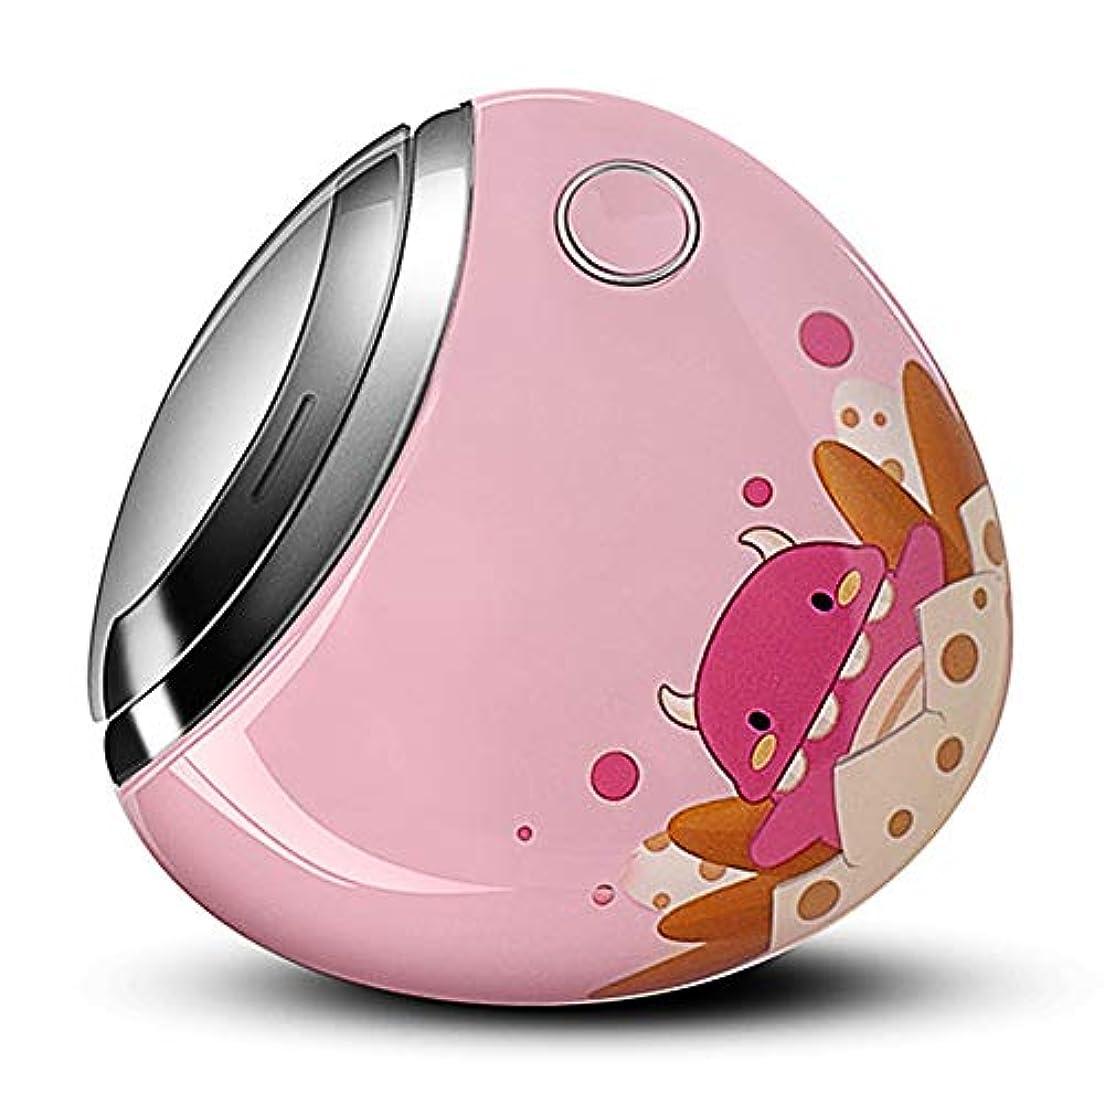 炎上自発的質量新生児の特別な爪切り電気ネイルポリッシャー爪切りクリッパー肉爪切り,ピンク